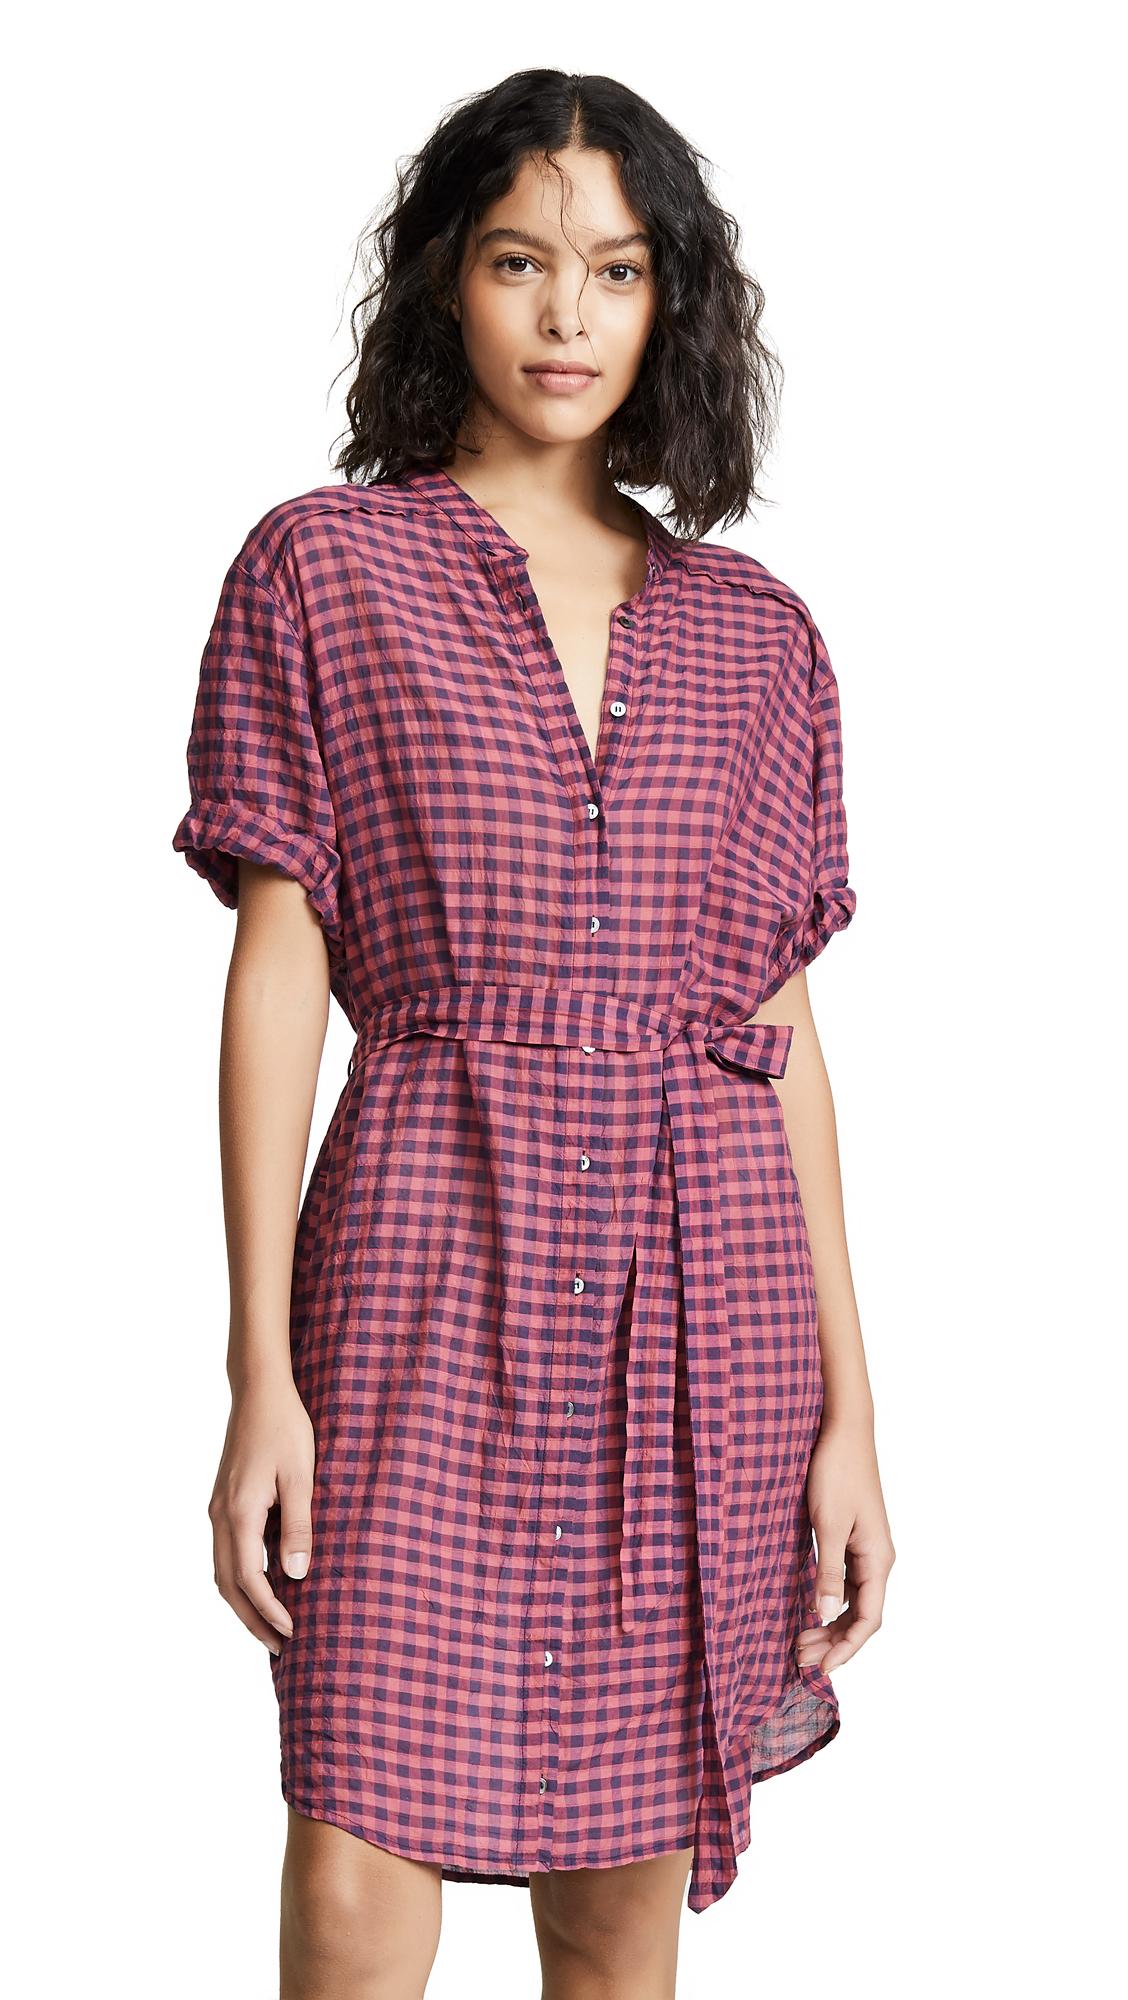 XIRENA Campbell Dress - Coral